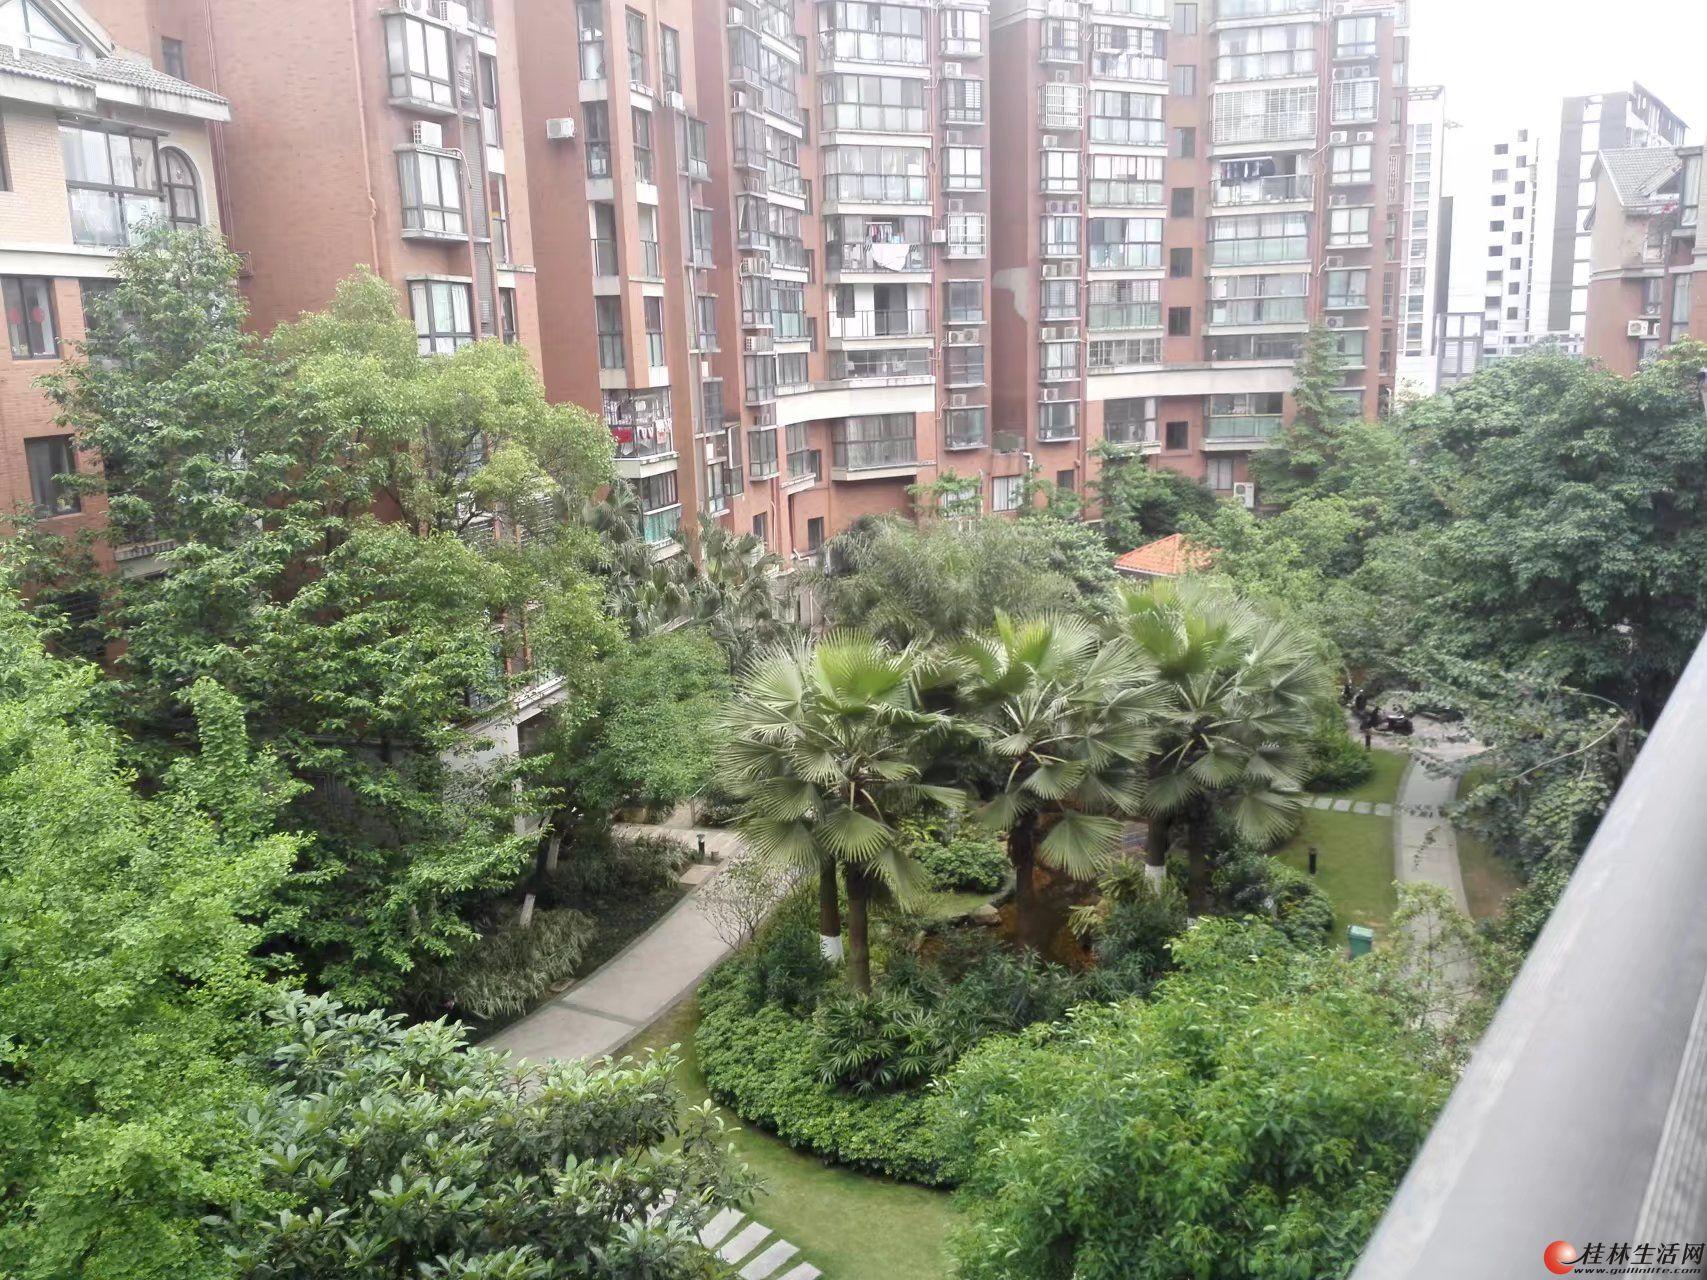 广源国际清水房3房2厅2卫面积128平方米价格85万元纯